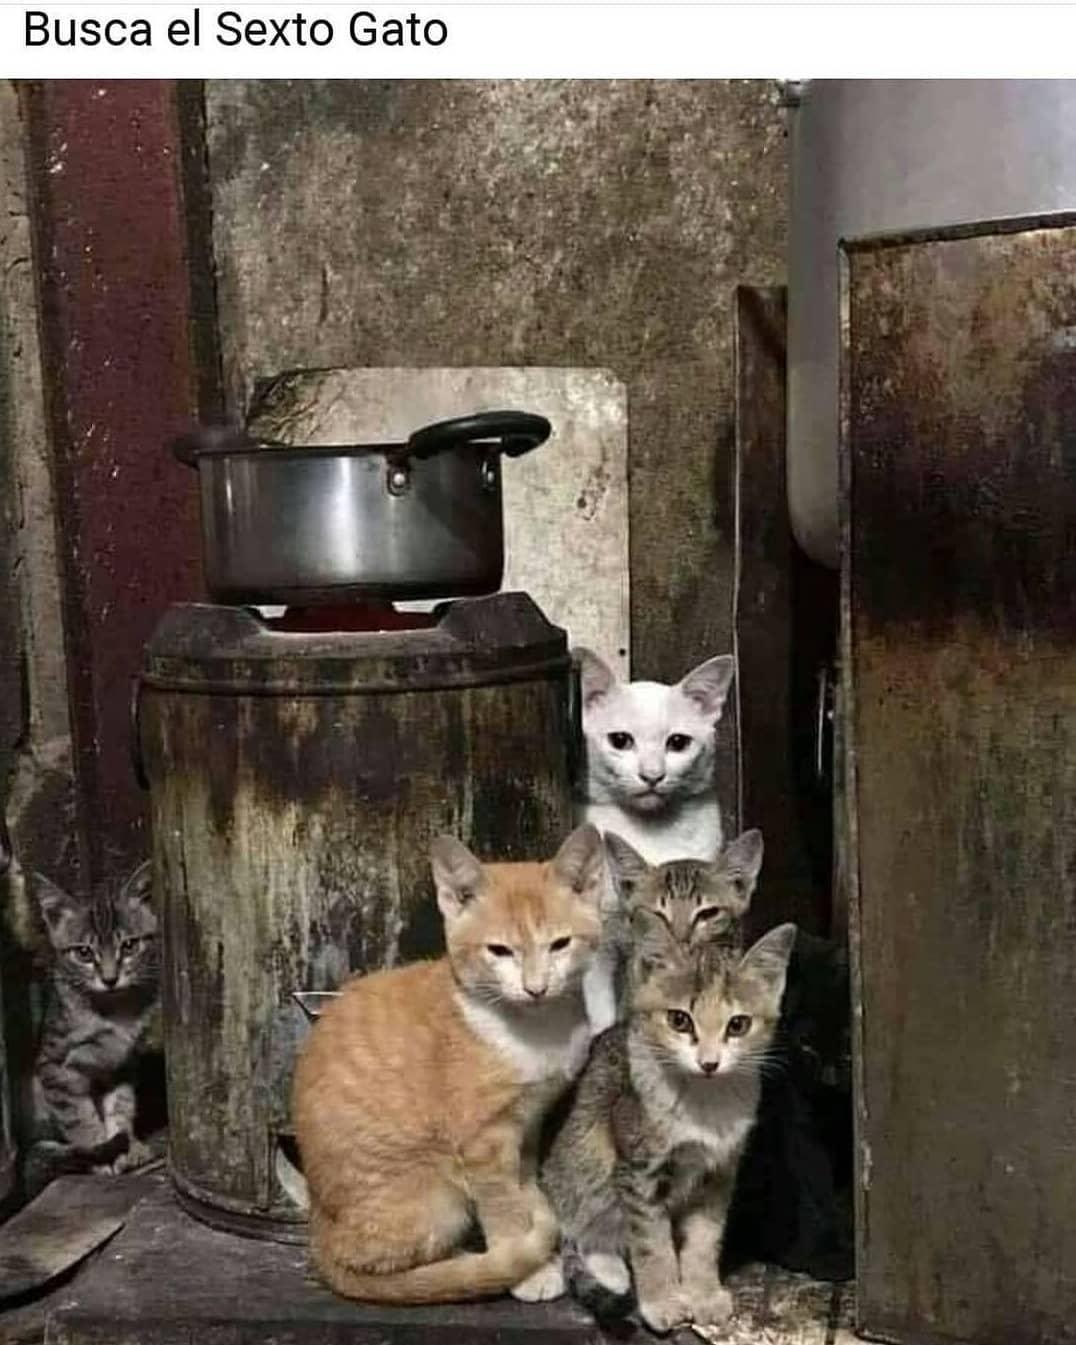 Busca el sexto gato.